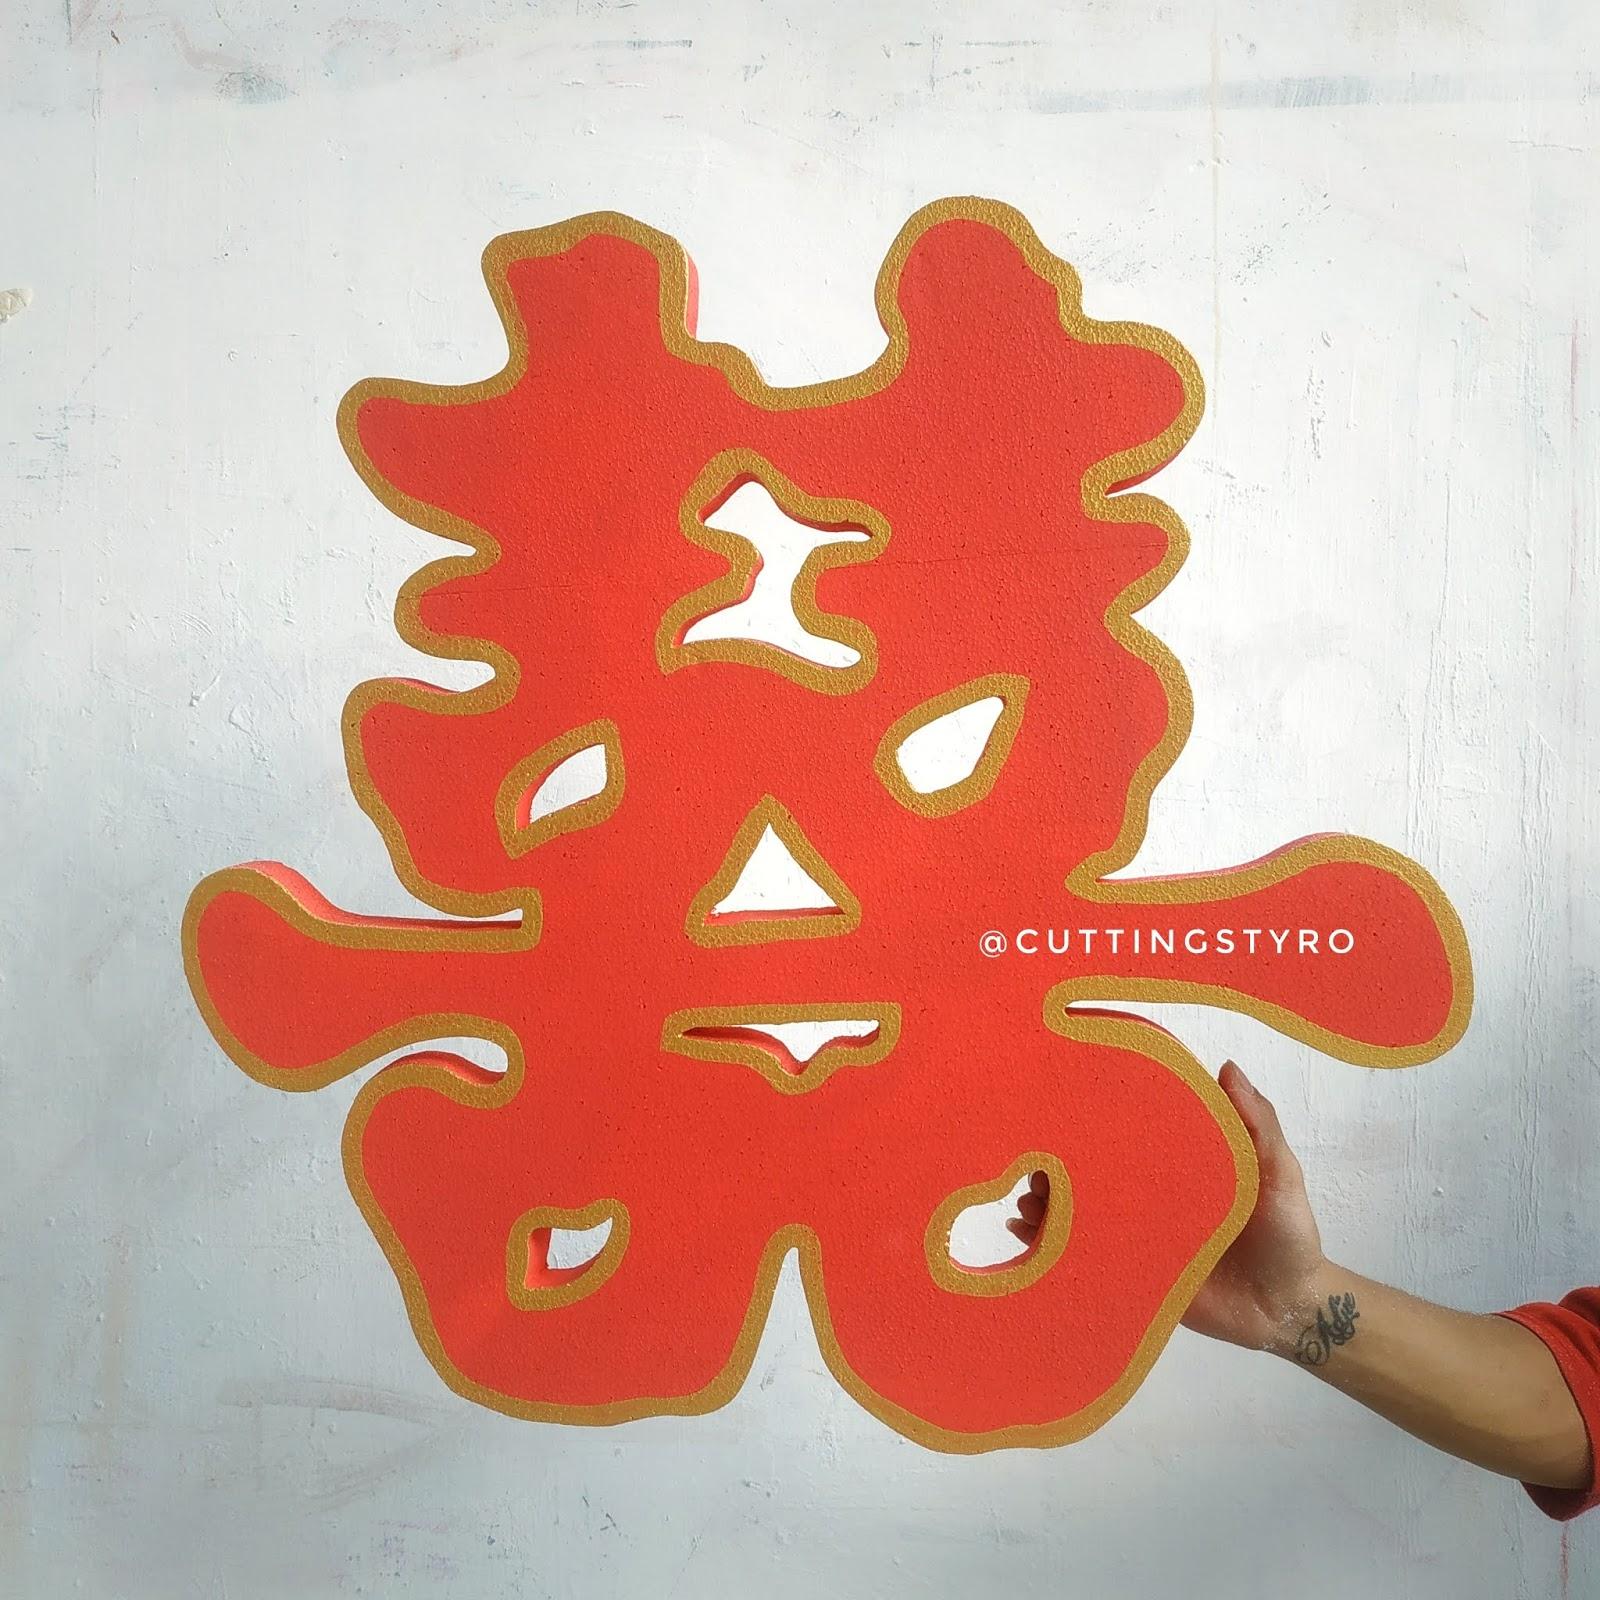 jual Suangsi murah bentuk dan model dapat di sesuaikan untuk perayaan sangjit dan pernikahan adat Tionghoa